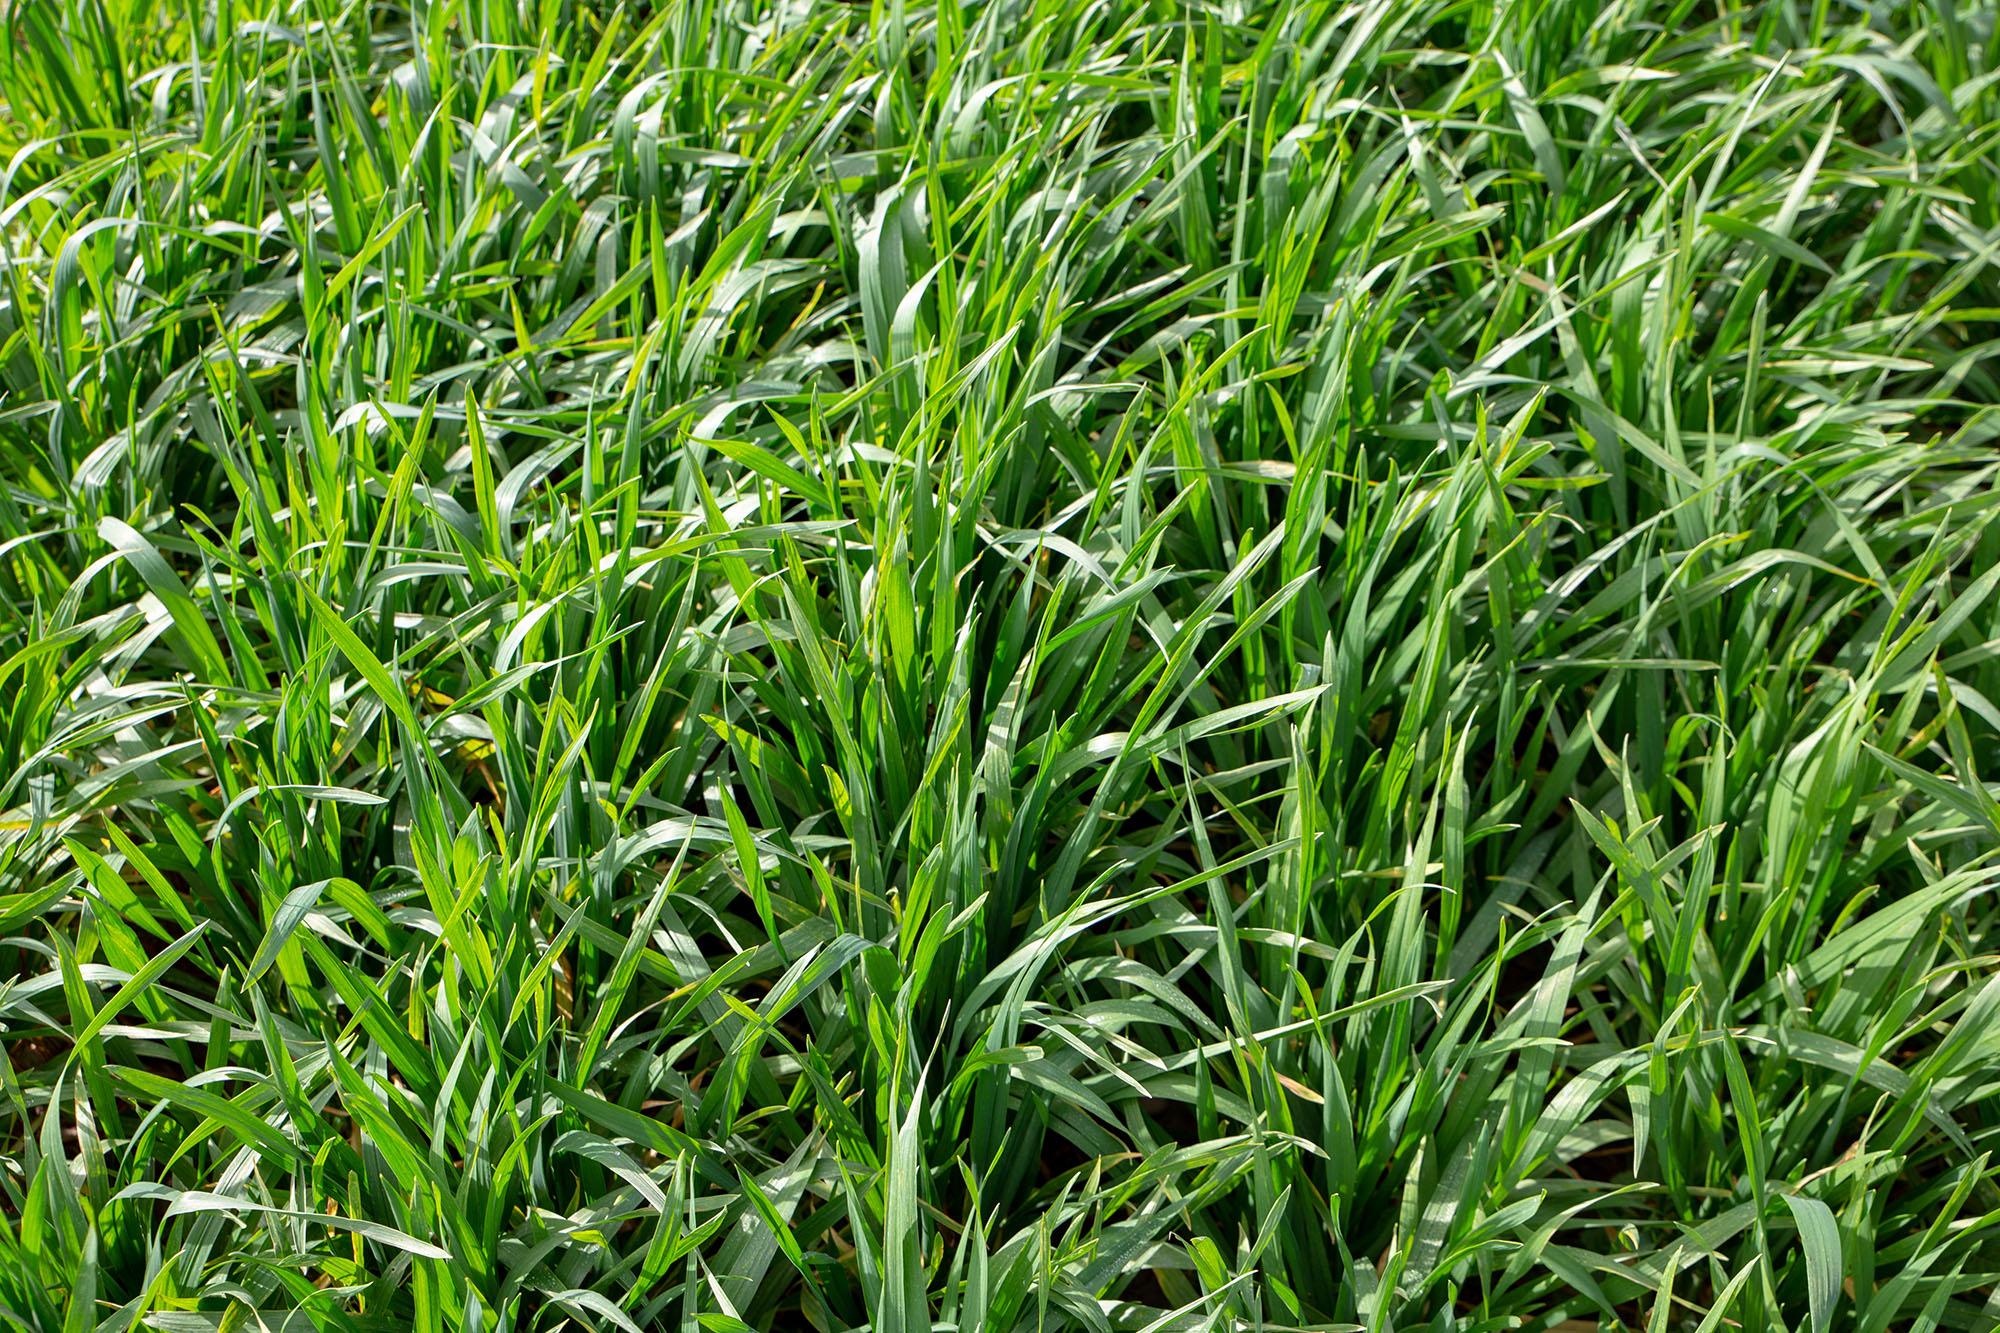 Green triticale in field